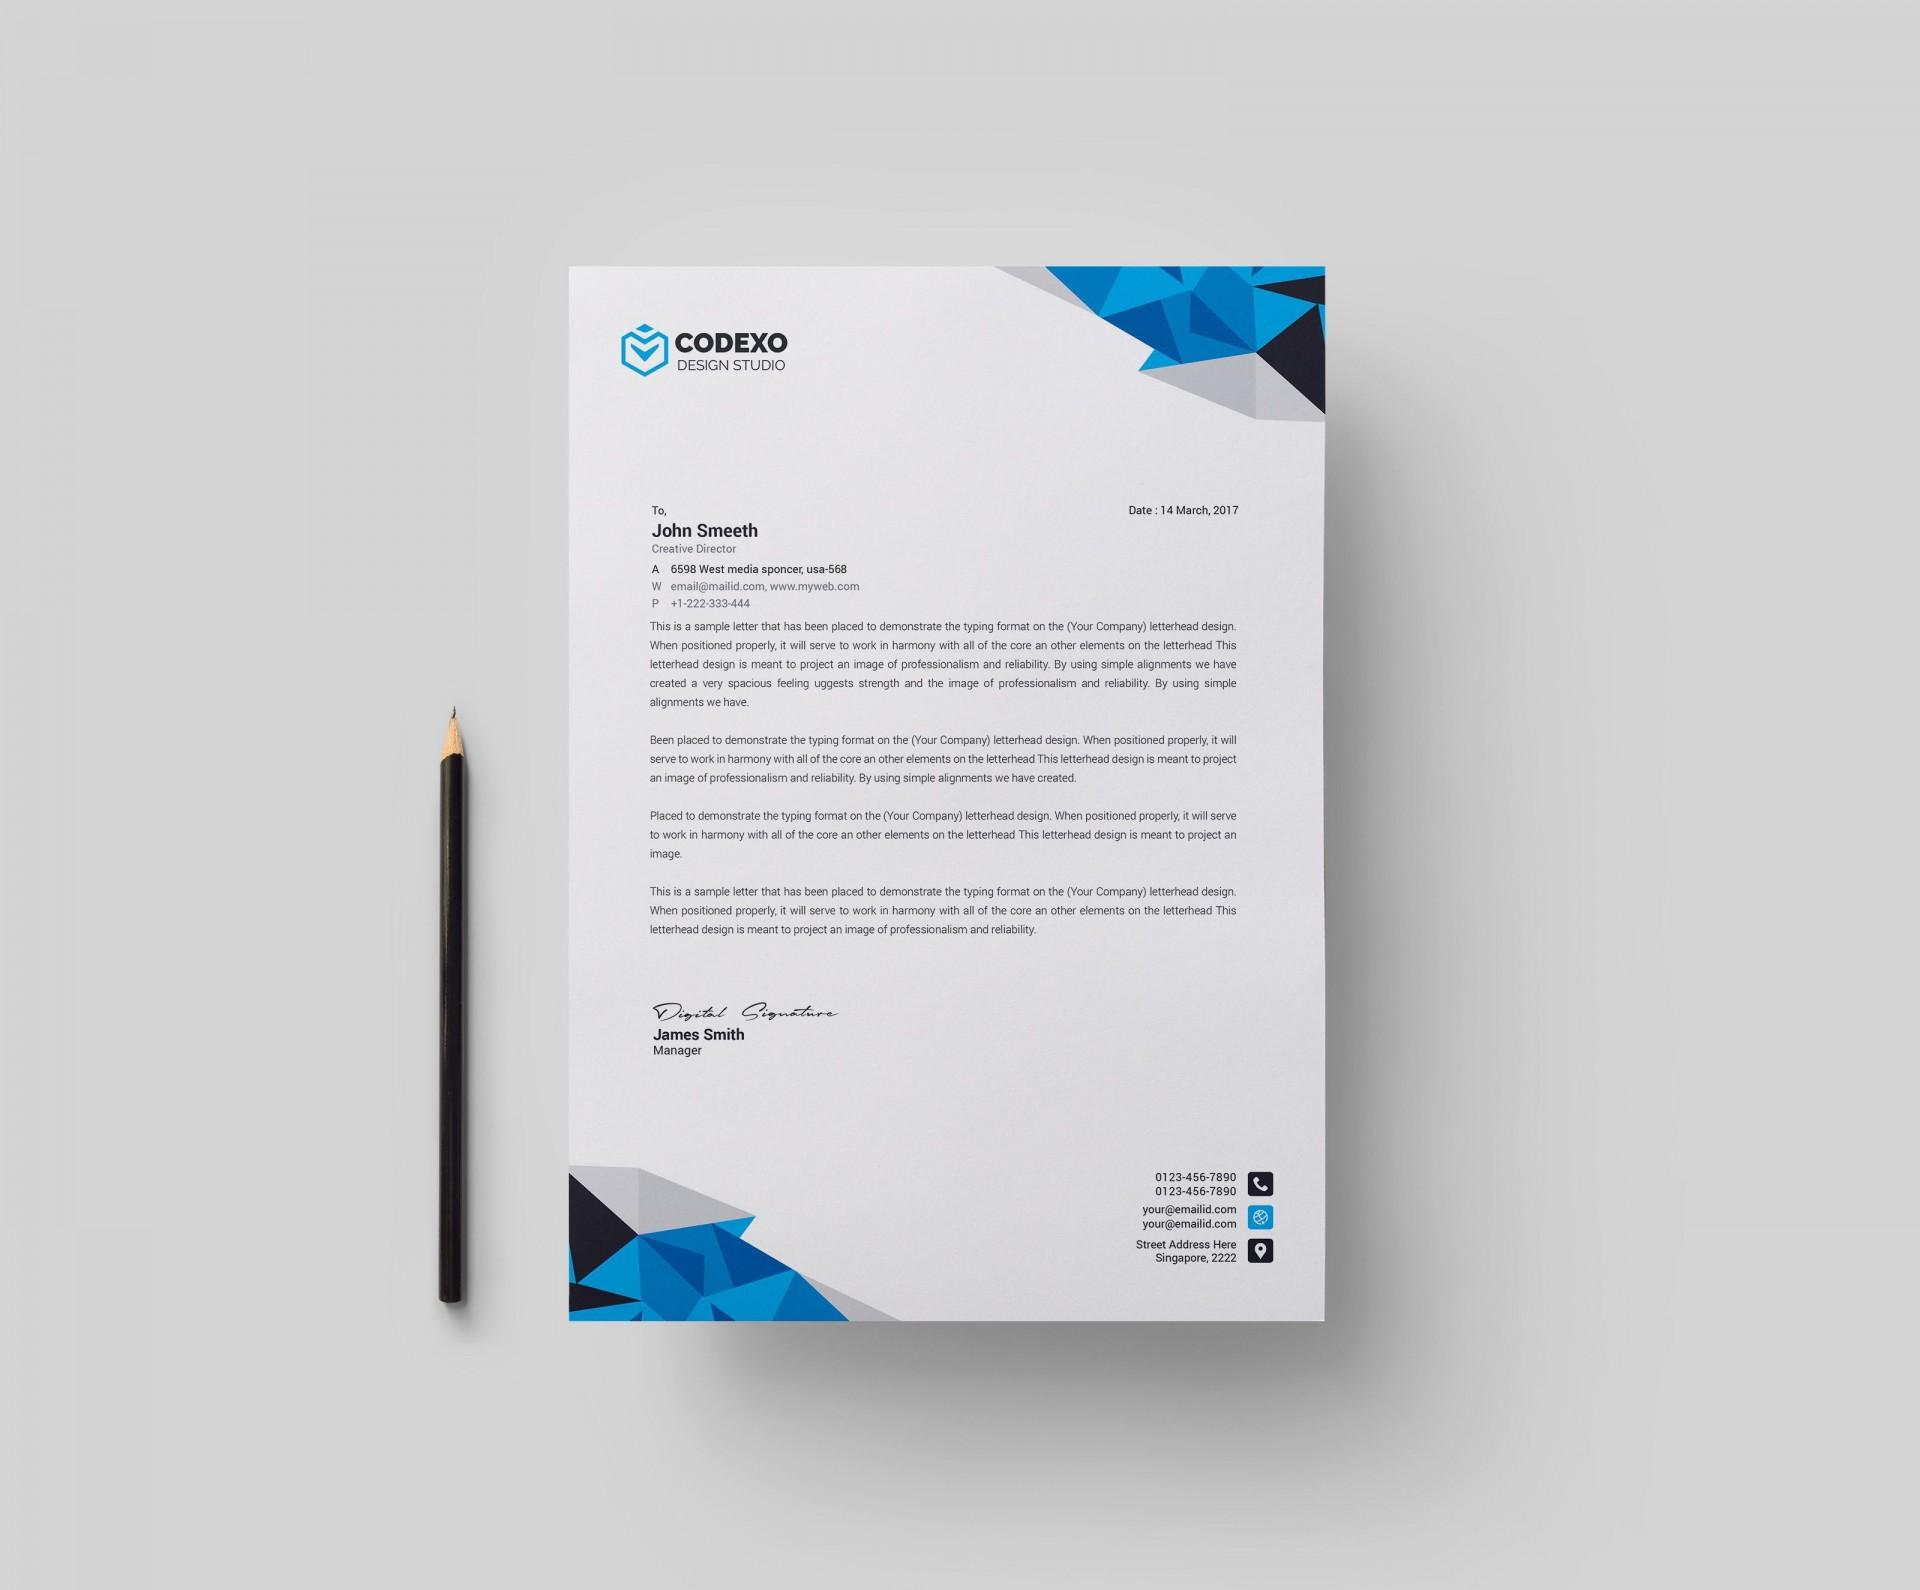 002 Impressive Letterhead Template Free Download Ai Picture  File1920